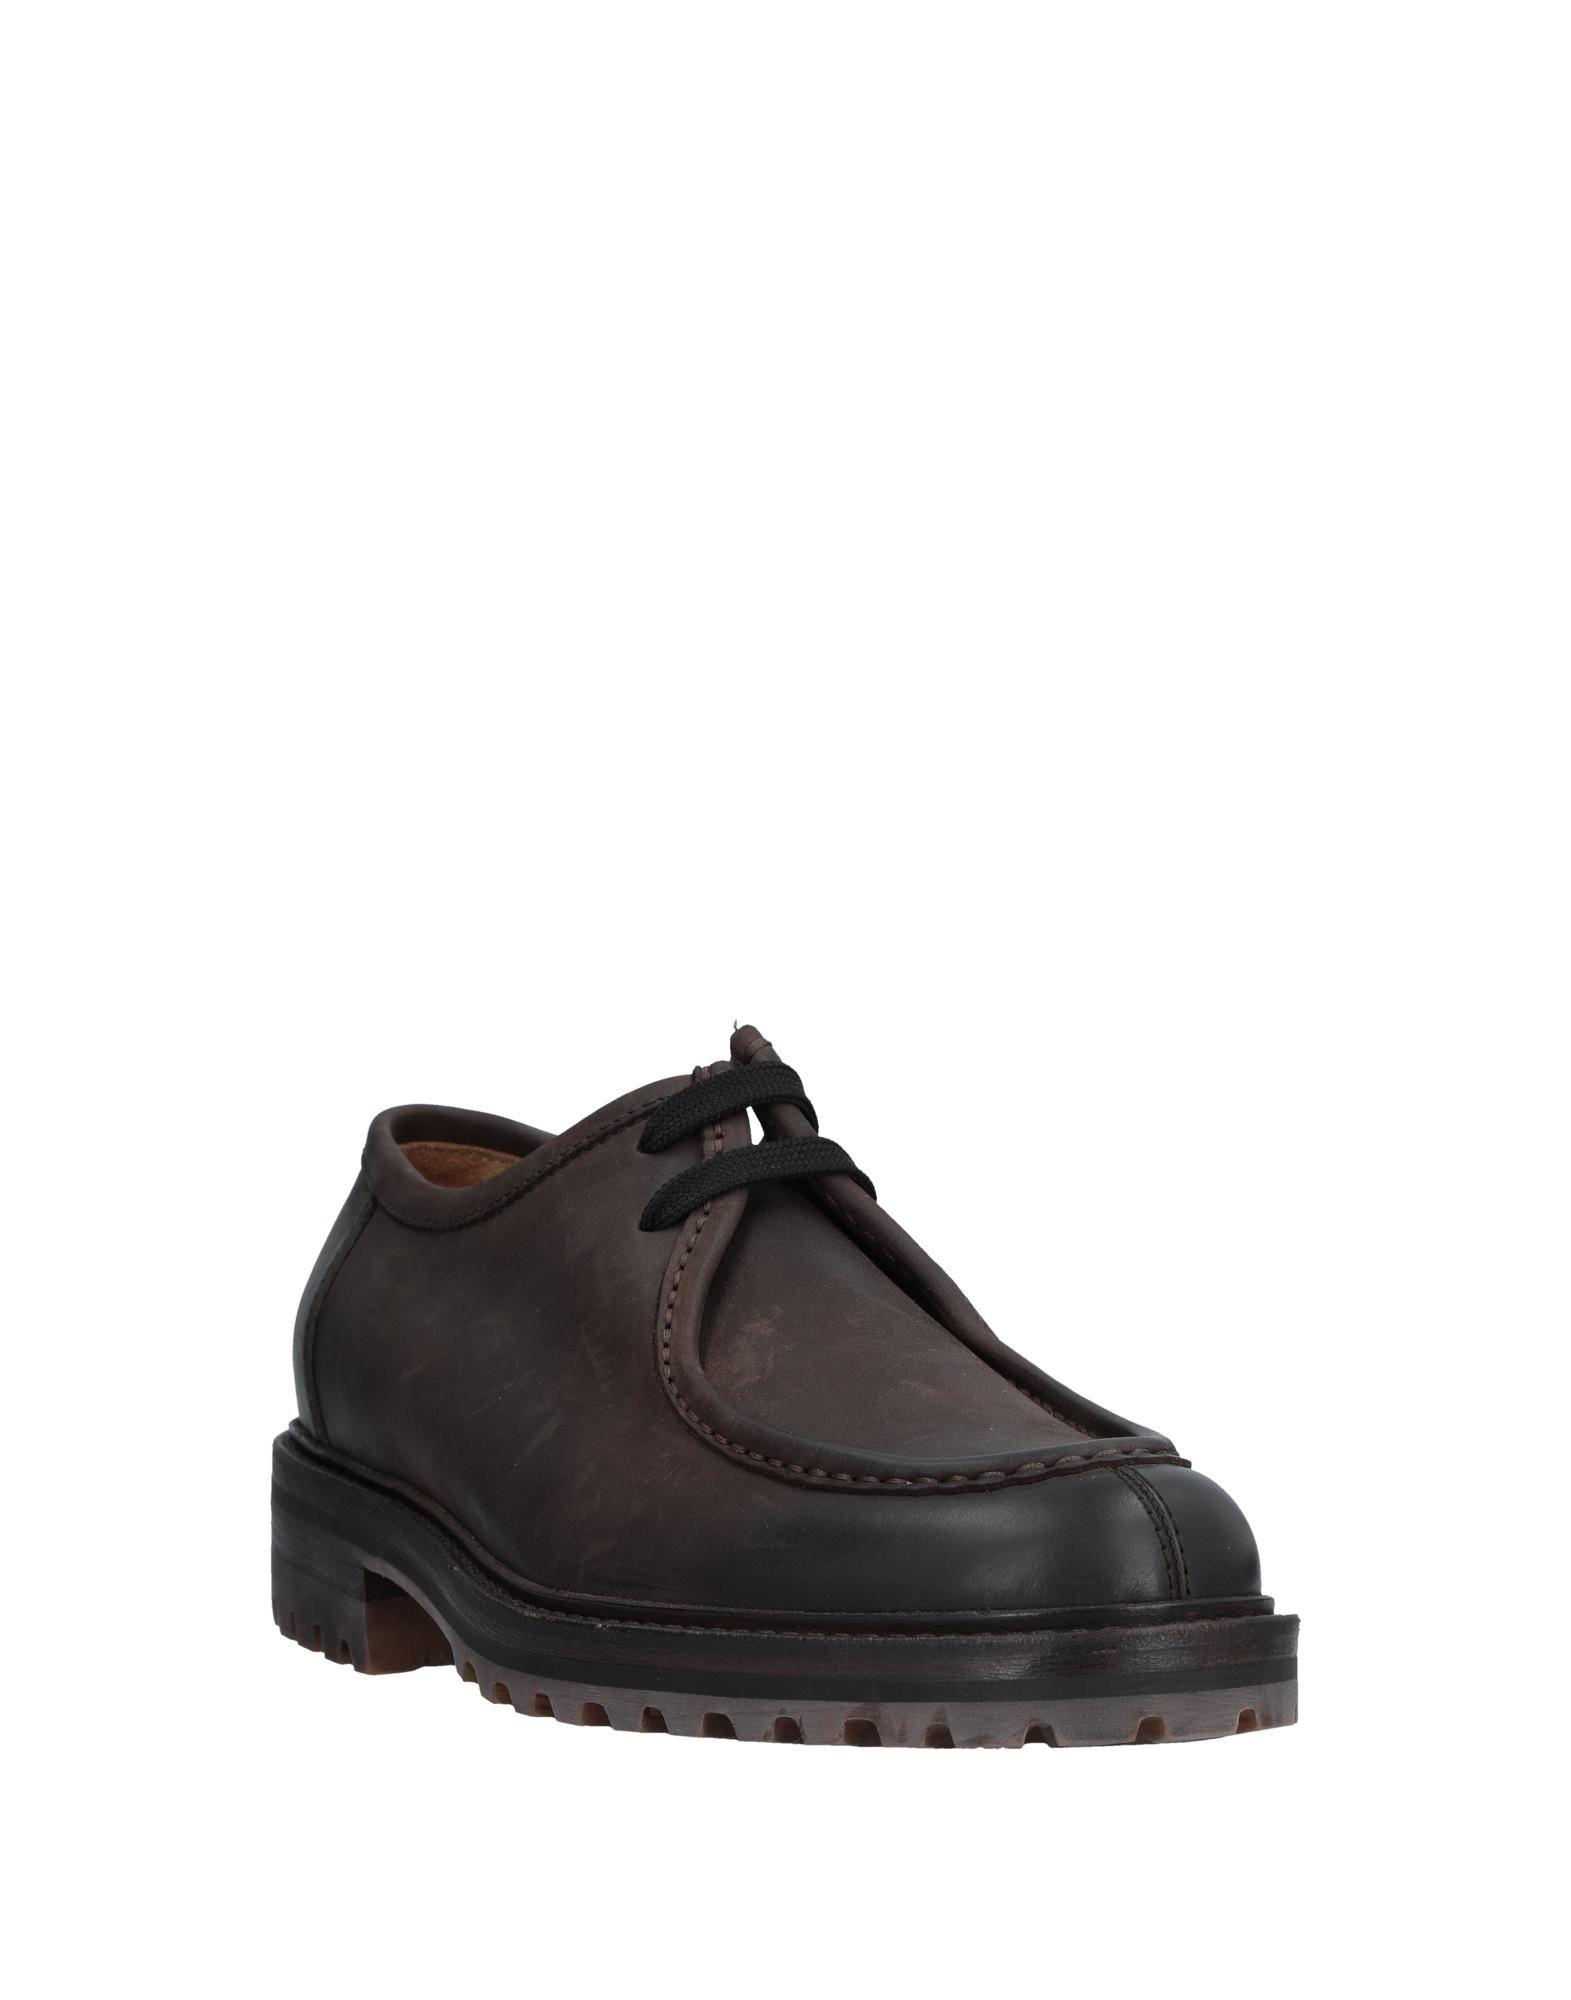 Lo.White Schnürschuhe Herren  11410852NO Gute Qualität beliebte Schuhe